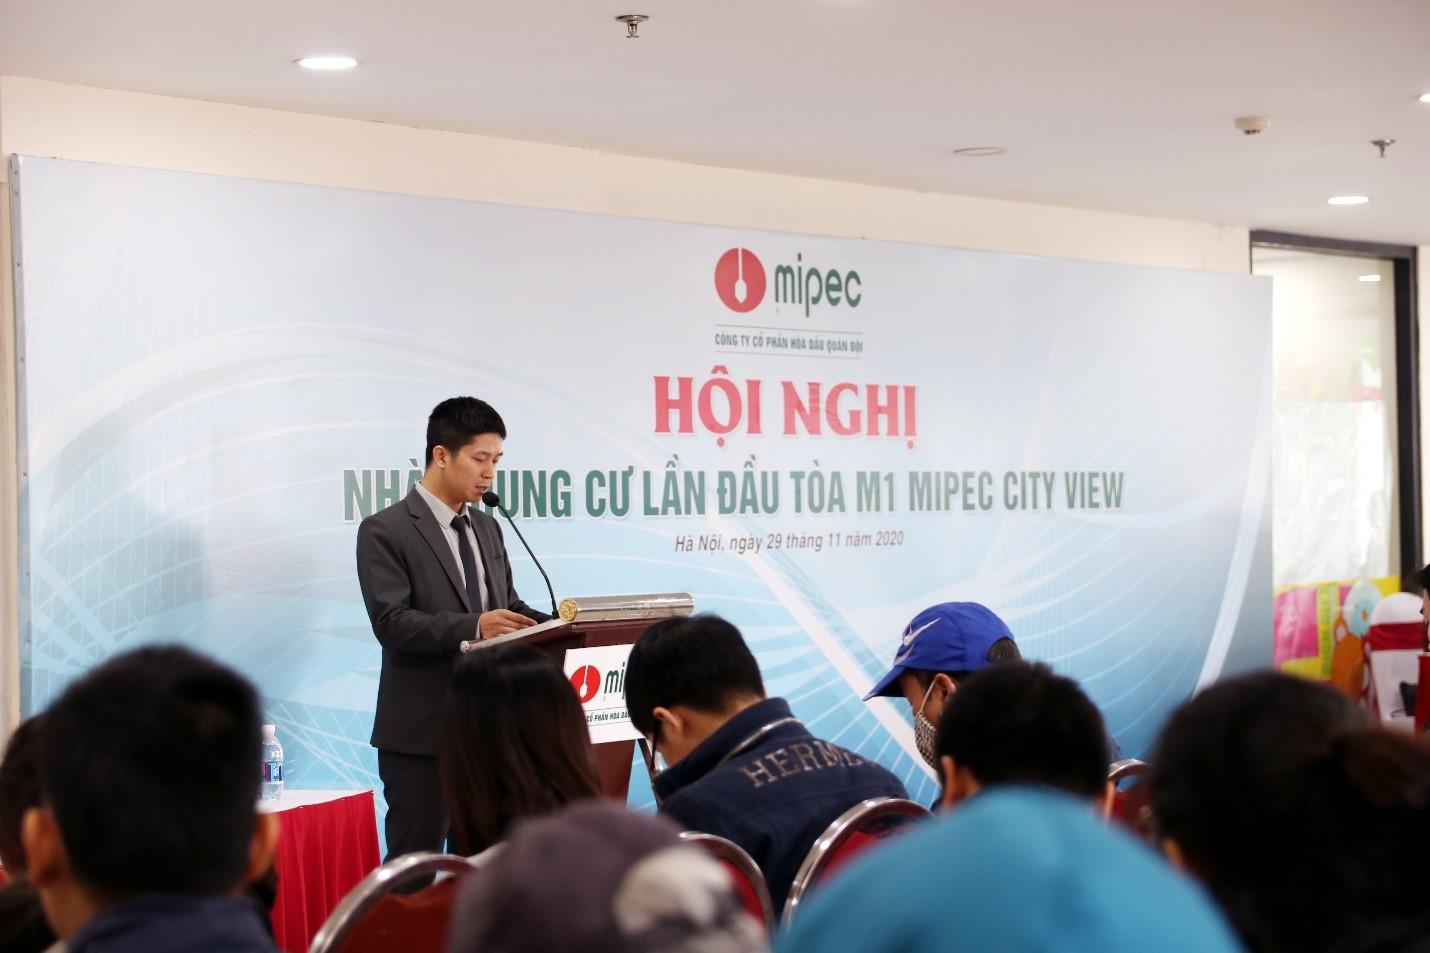 THÀNH LẬP BAN QUẢN TRỊ M1 CHUNG CƯ MIPEC CITY VIEW NHIỆM KỲ 2021-2023